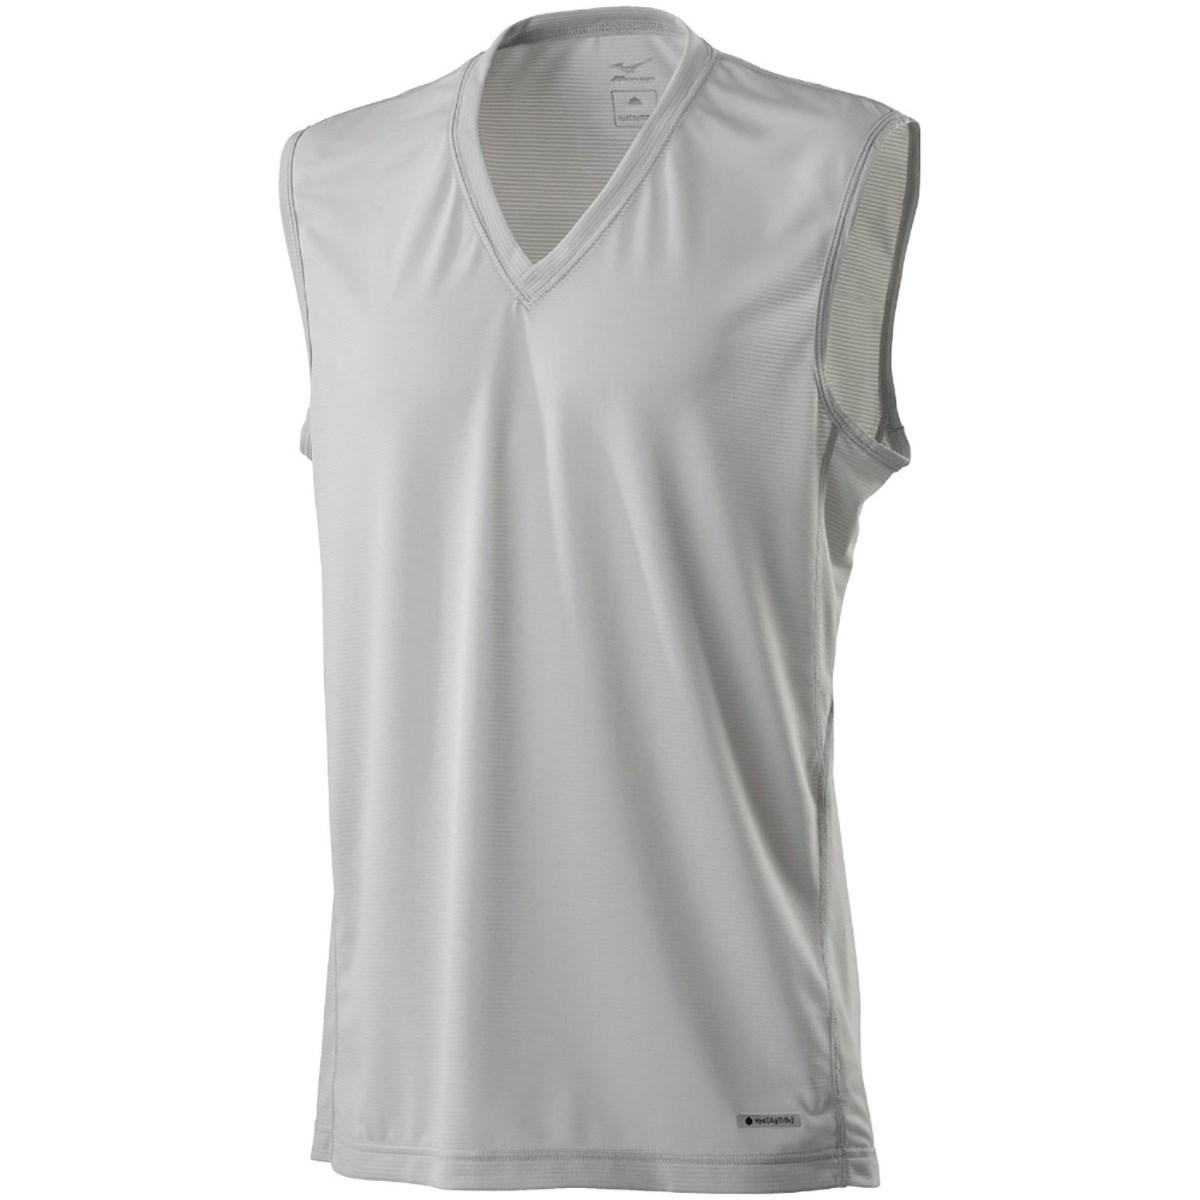 ミズノ(MIZUNO) ハイドロ銀チタン Vネックノースリーブシャツ